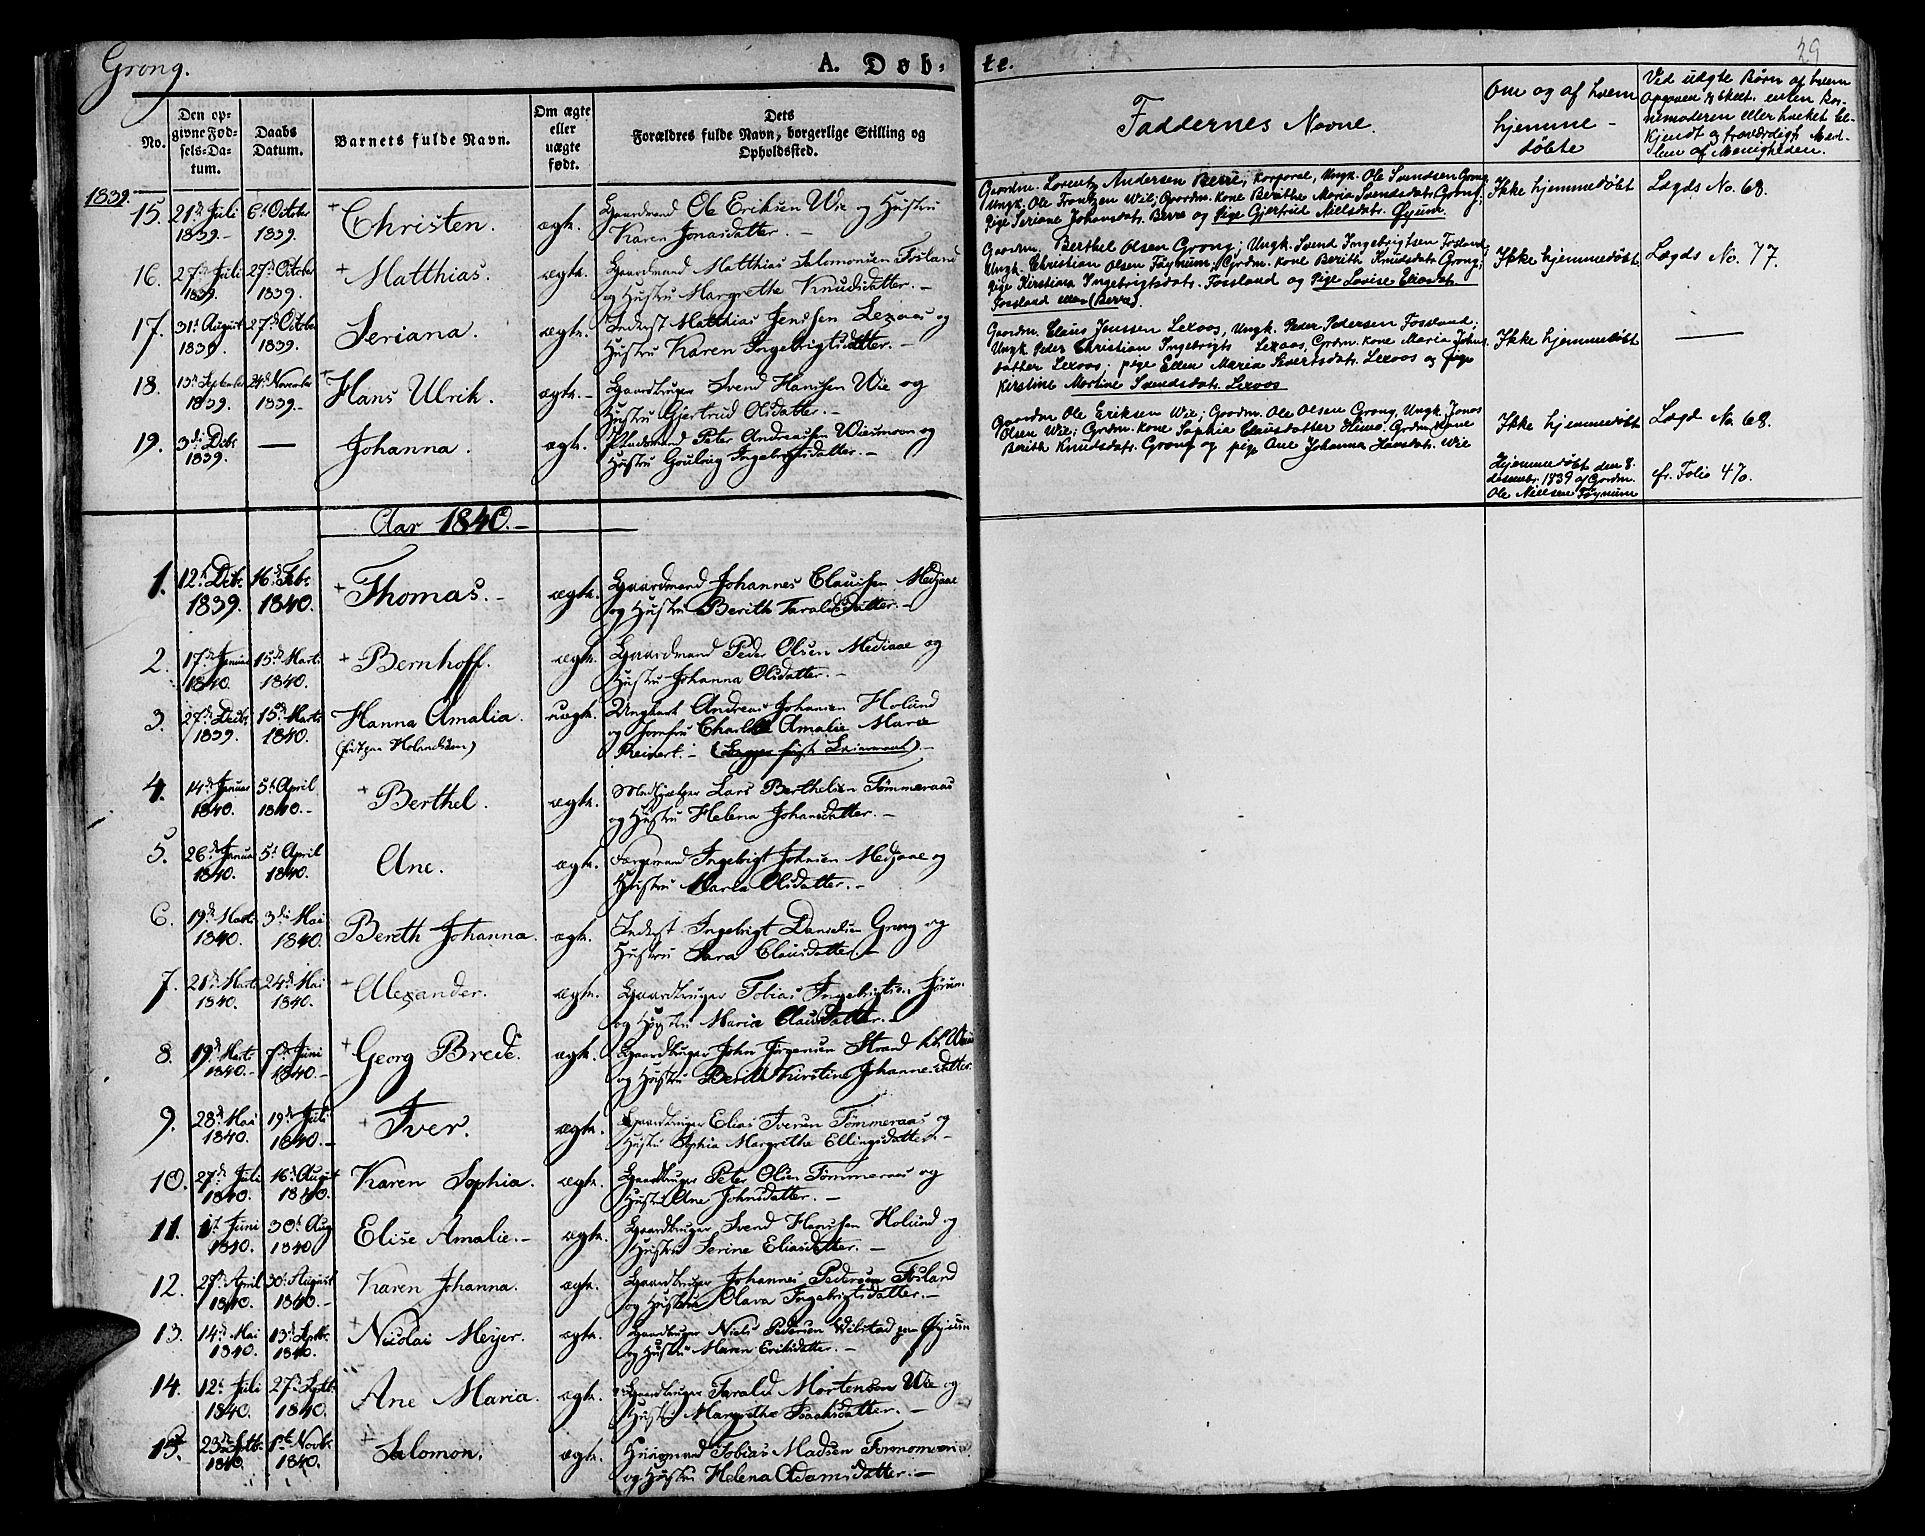 SAT, Ministerialprotokoller, klokkerbøker og fødselsregistre - Nord-Trøndelag, 758/L0510: Ministerialbok nr. 758A01 /1, 1821-1841, s. 29